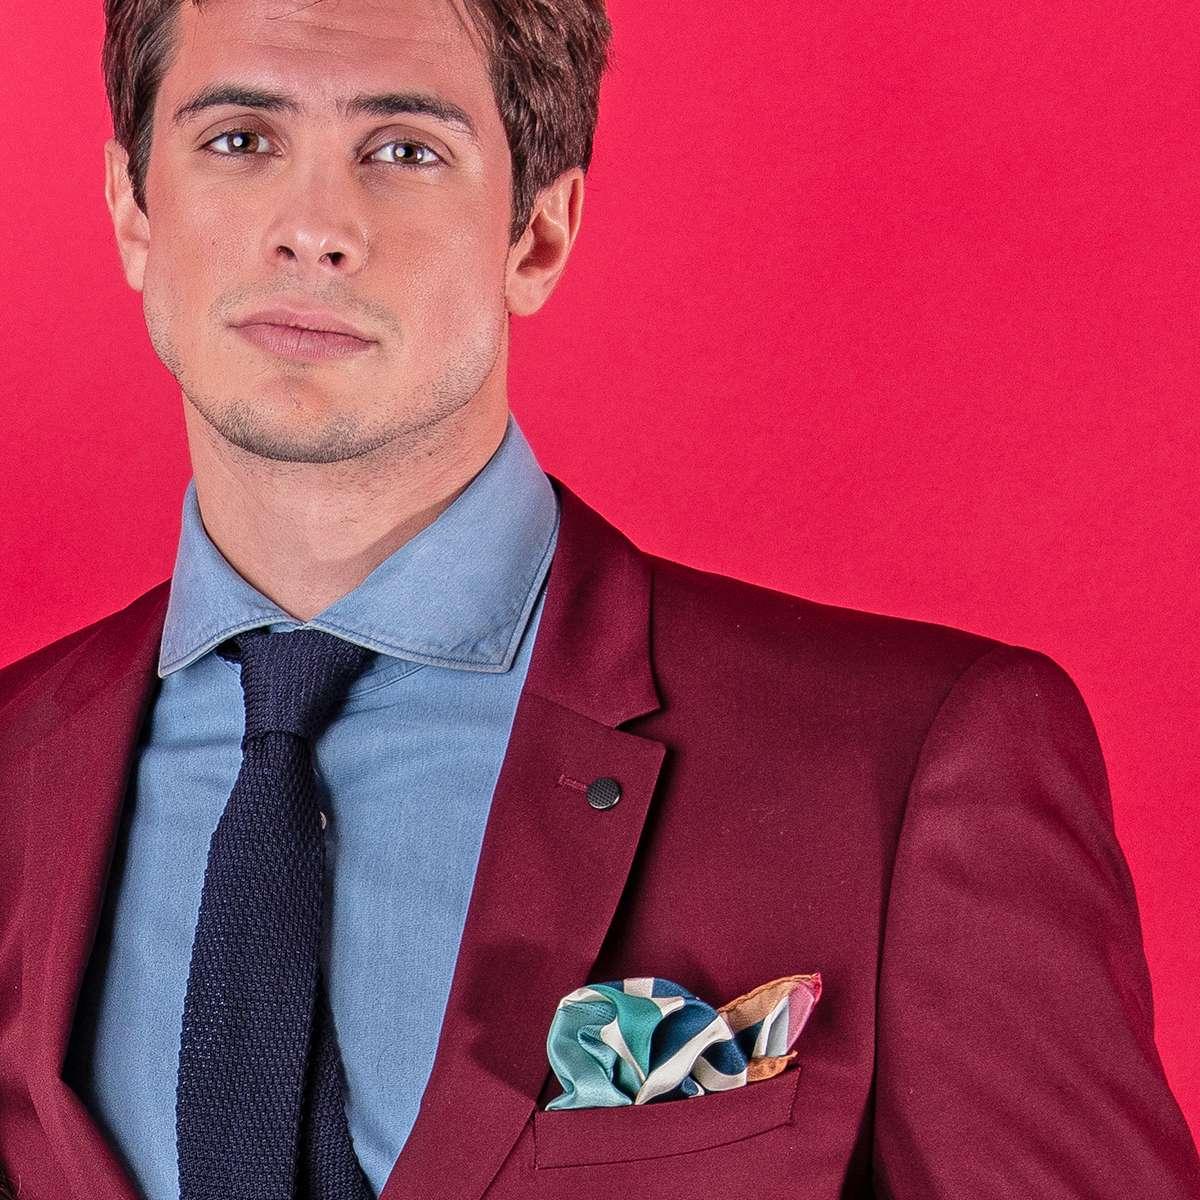 vente la plus chaude vente discount avant-garde de l'époque Cravate homme   Conseil mode homme  Pochette Square